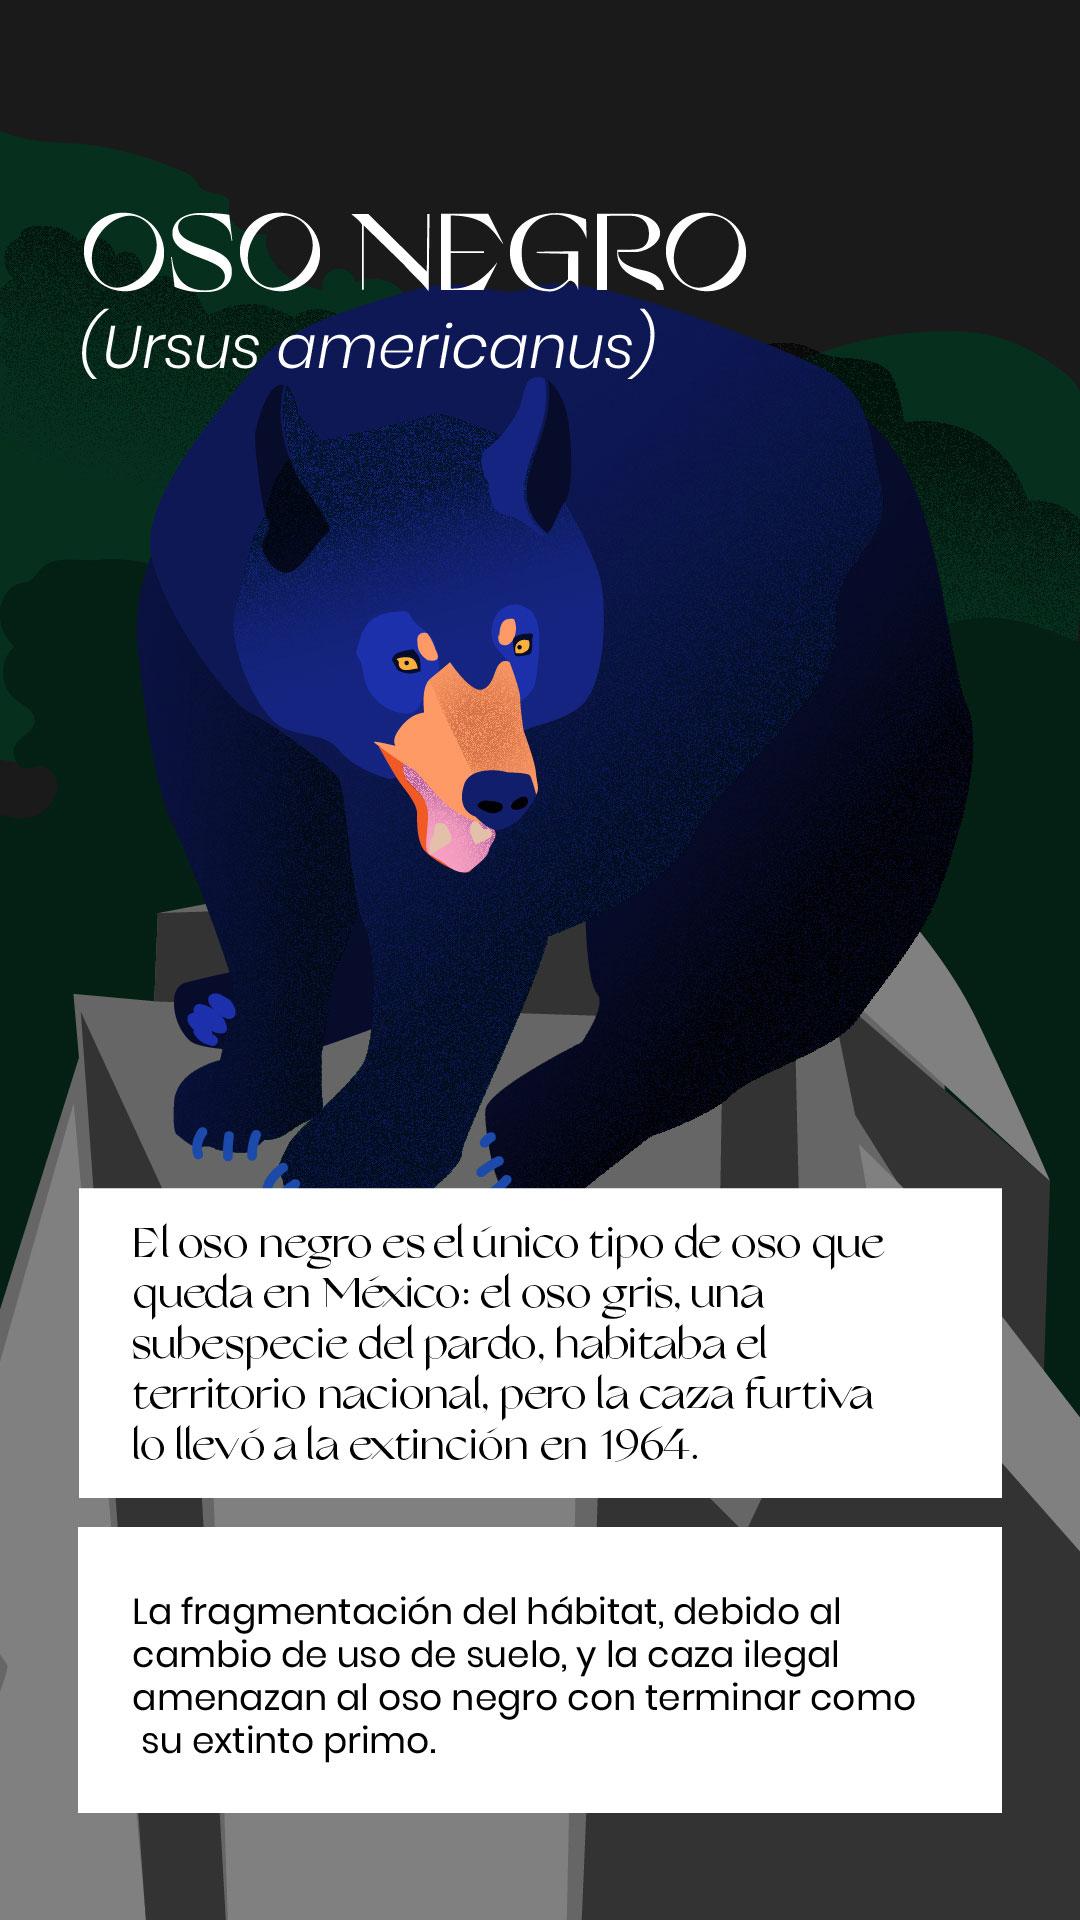 Oso negro extinción